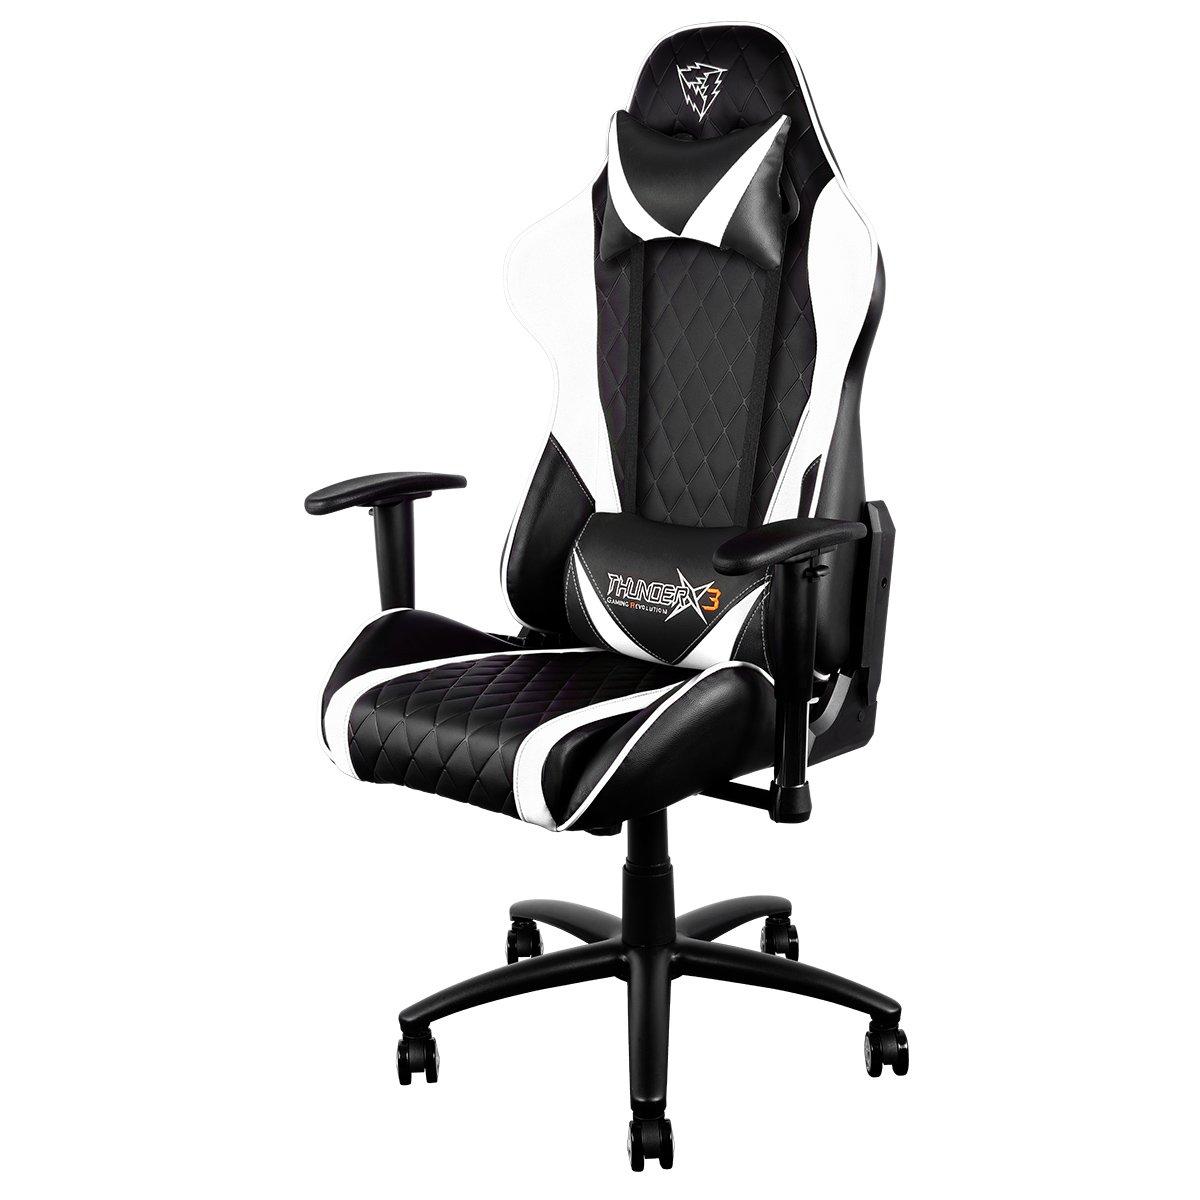 Thunder X3 Aerocool tgc15 Pro Gaming Chair con Cuello Almohada, Funda de Piel sintética, Negro/Blanco: Amazon.es: Hogar